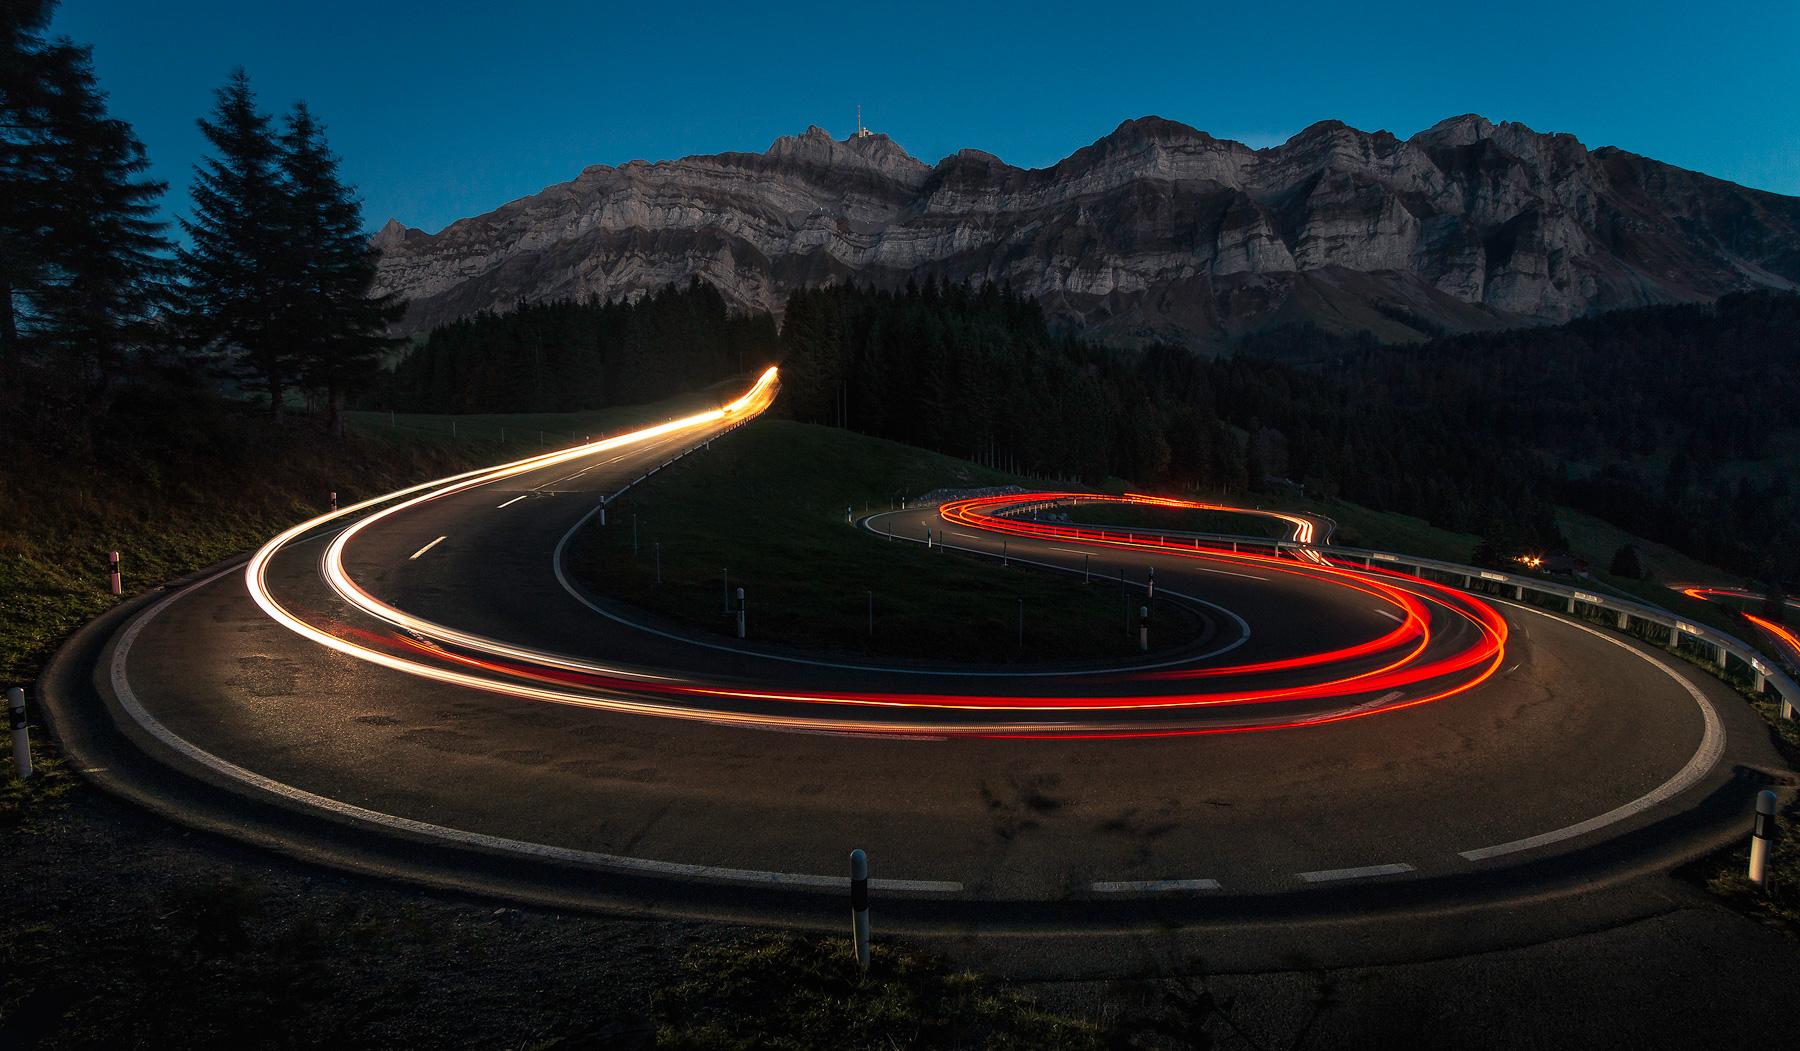 Light trails, Säntis, Schweiz, Lichtspuren